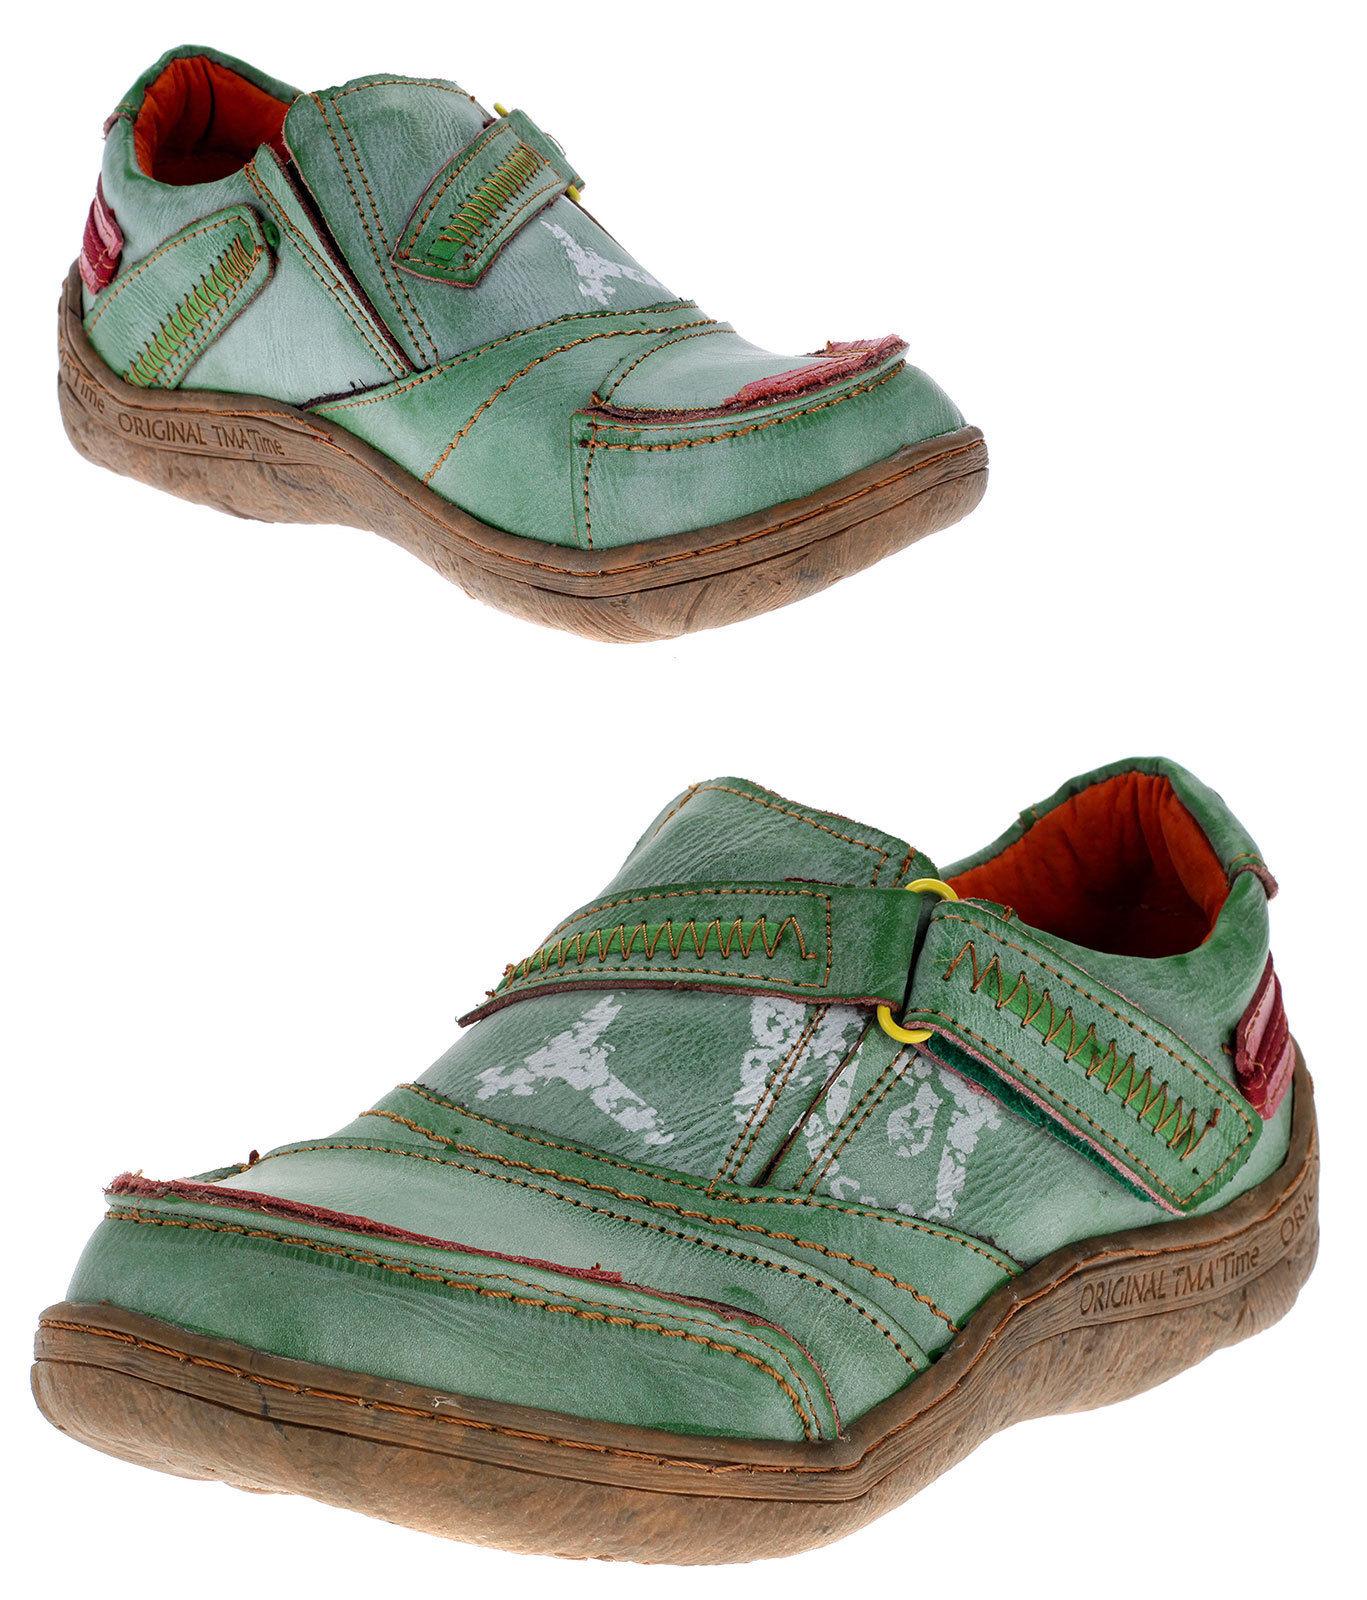 TMA Damen Leder Schuhe Halbschuhe Slipper Comfort Freizeitschuhe 1901 Gr 37